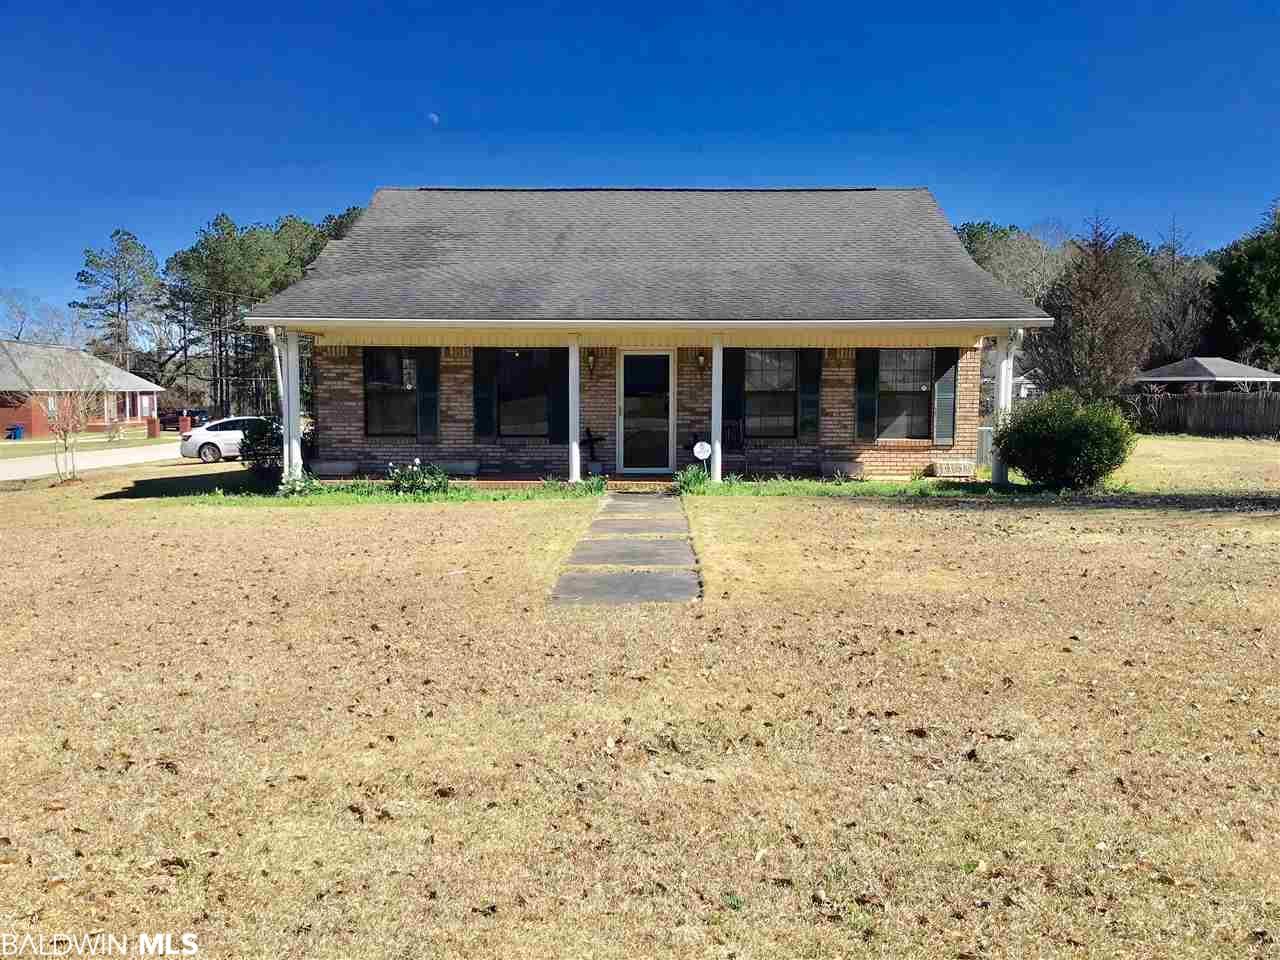 15 Sycamore Drive, Monroeville, AL 36460